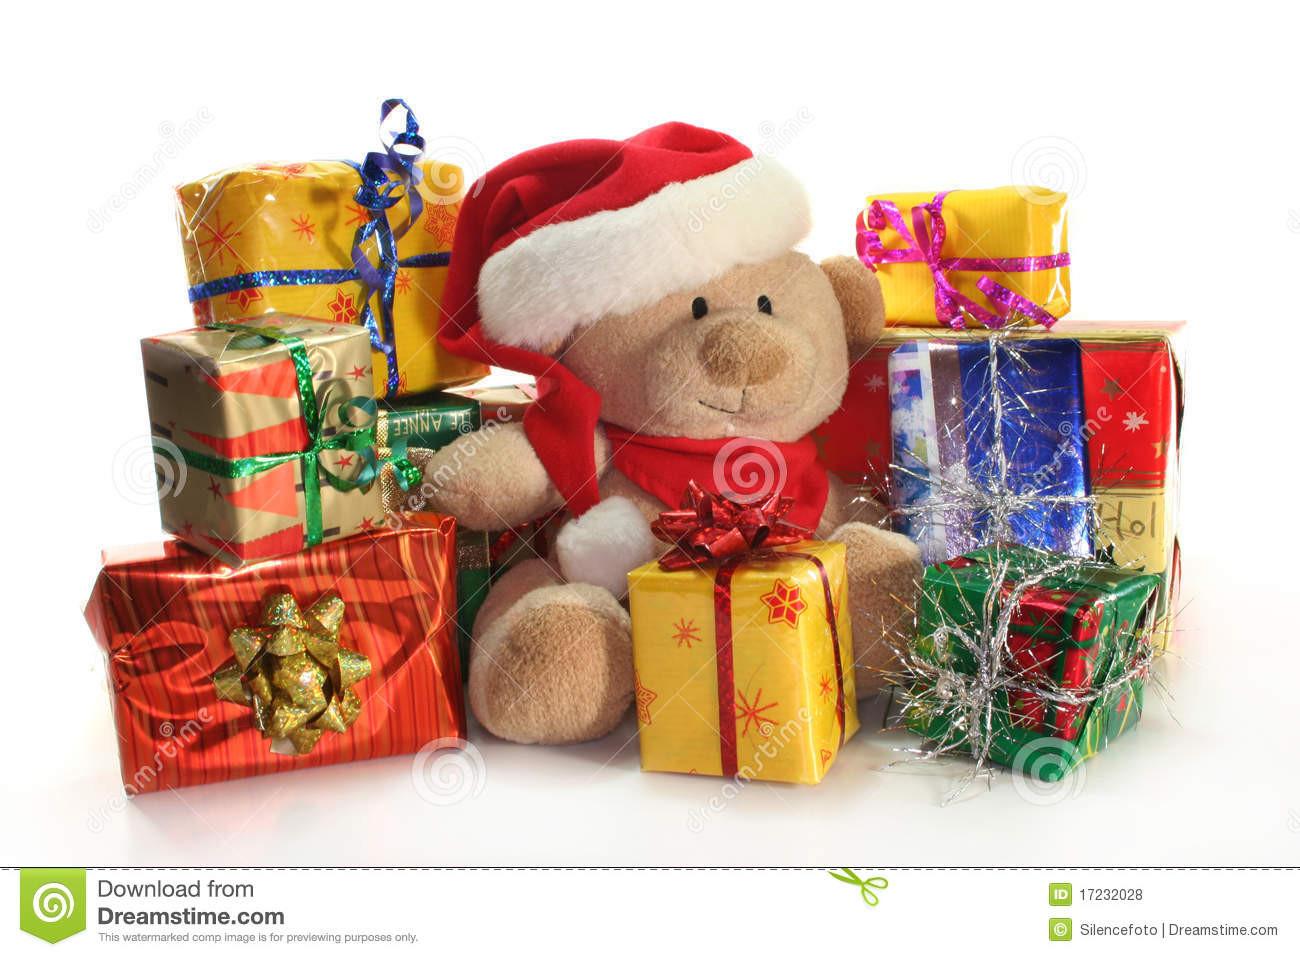 Weihnachts Geschenke  Weihnachtsgeschenke stockfoto Bild von teddy farbband